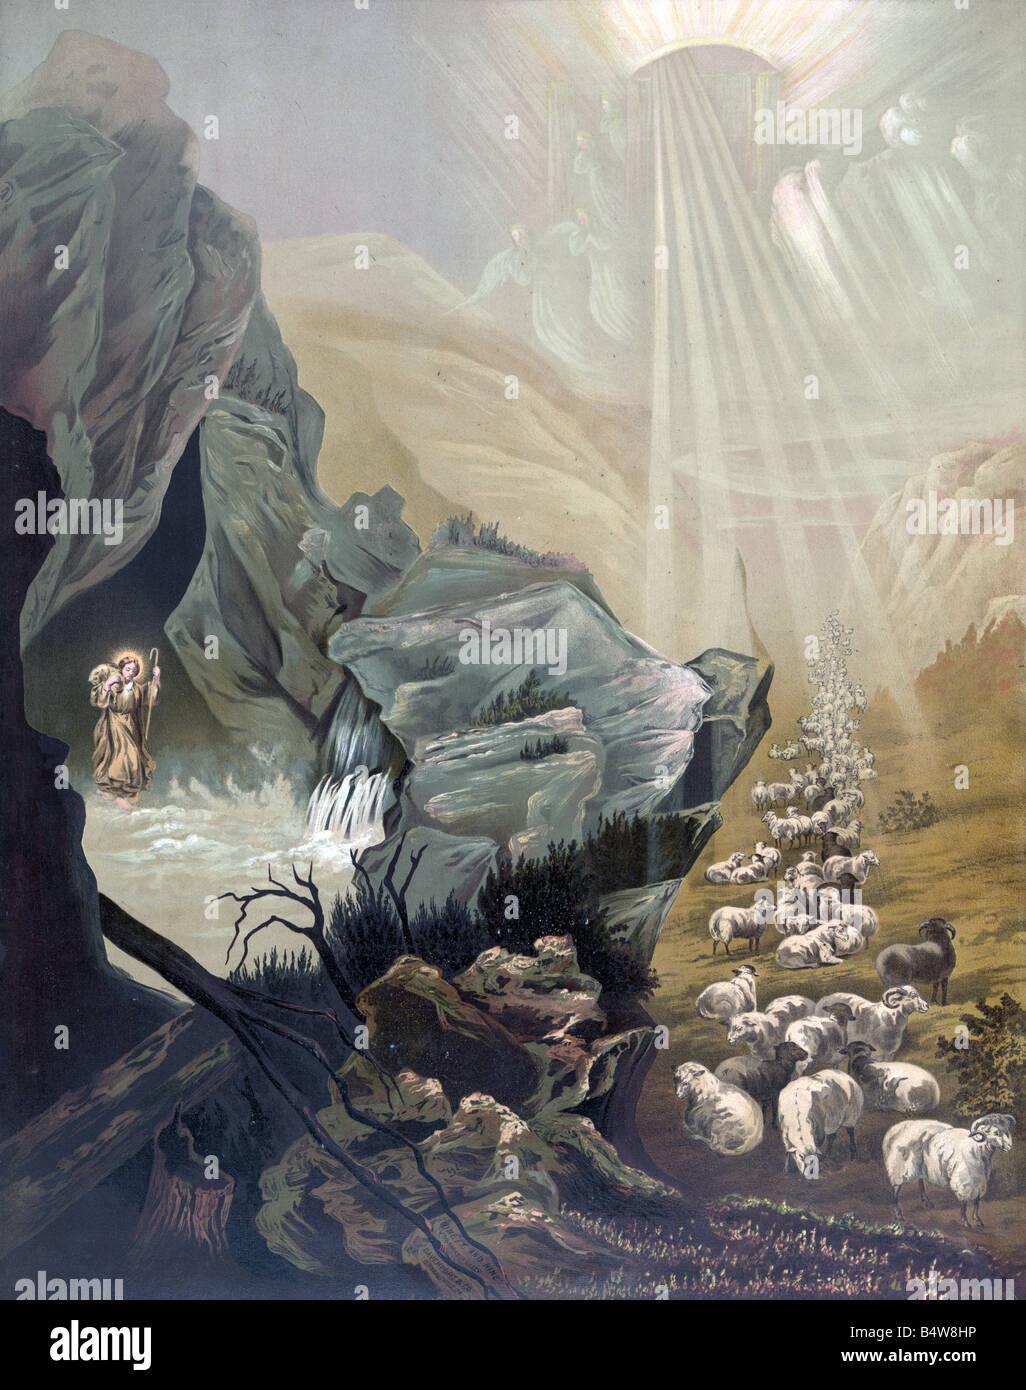 La pecorella smarrita, l'arte religiosa Immagini Stock